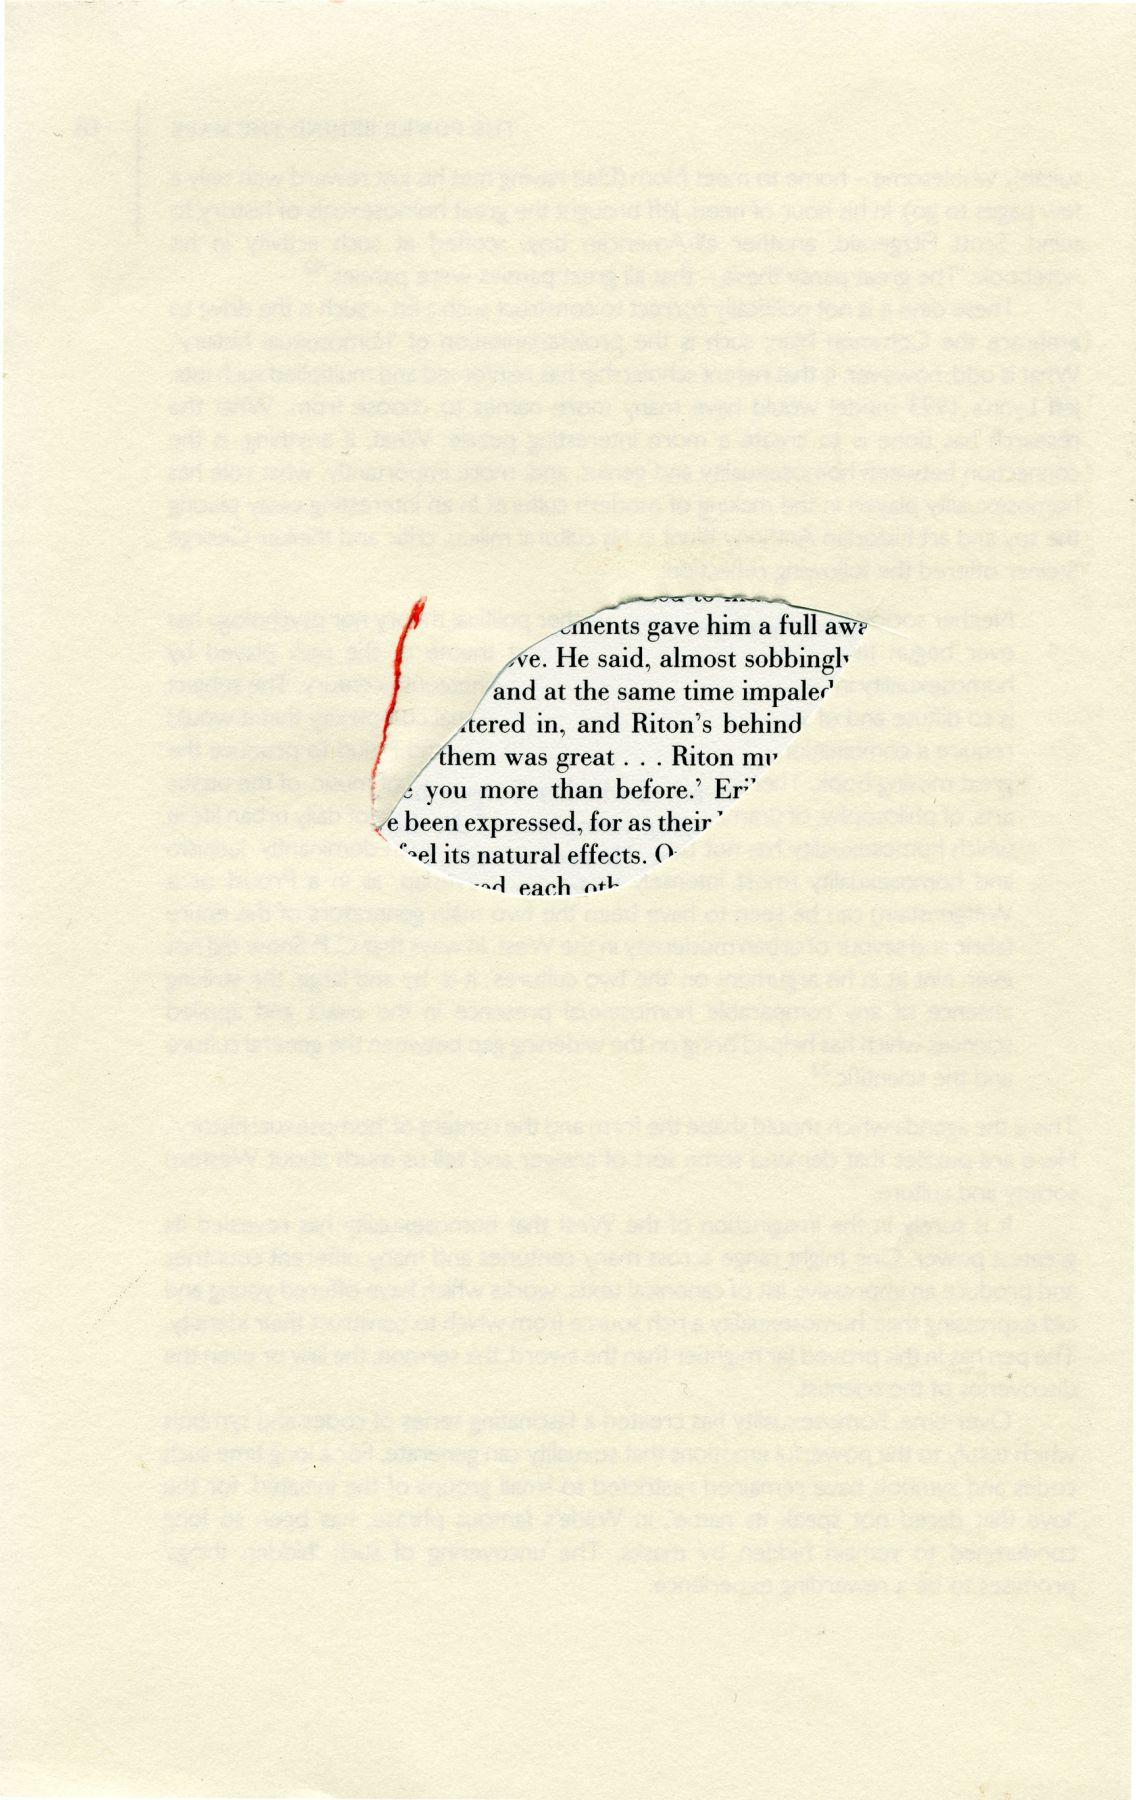 Portraits (Jean Genet), 2004, Archival inkjet print on paper